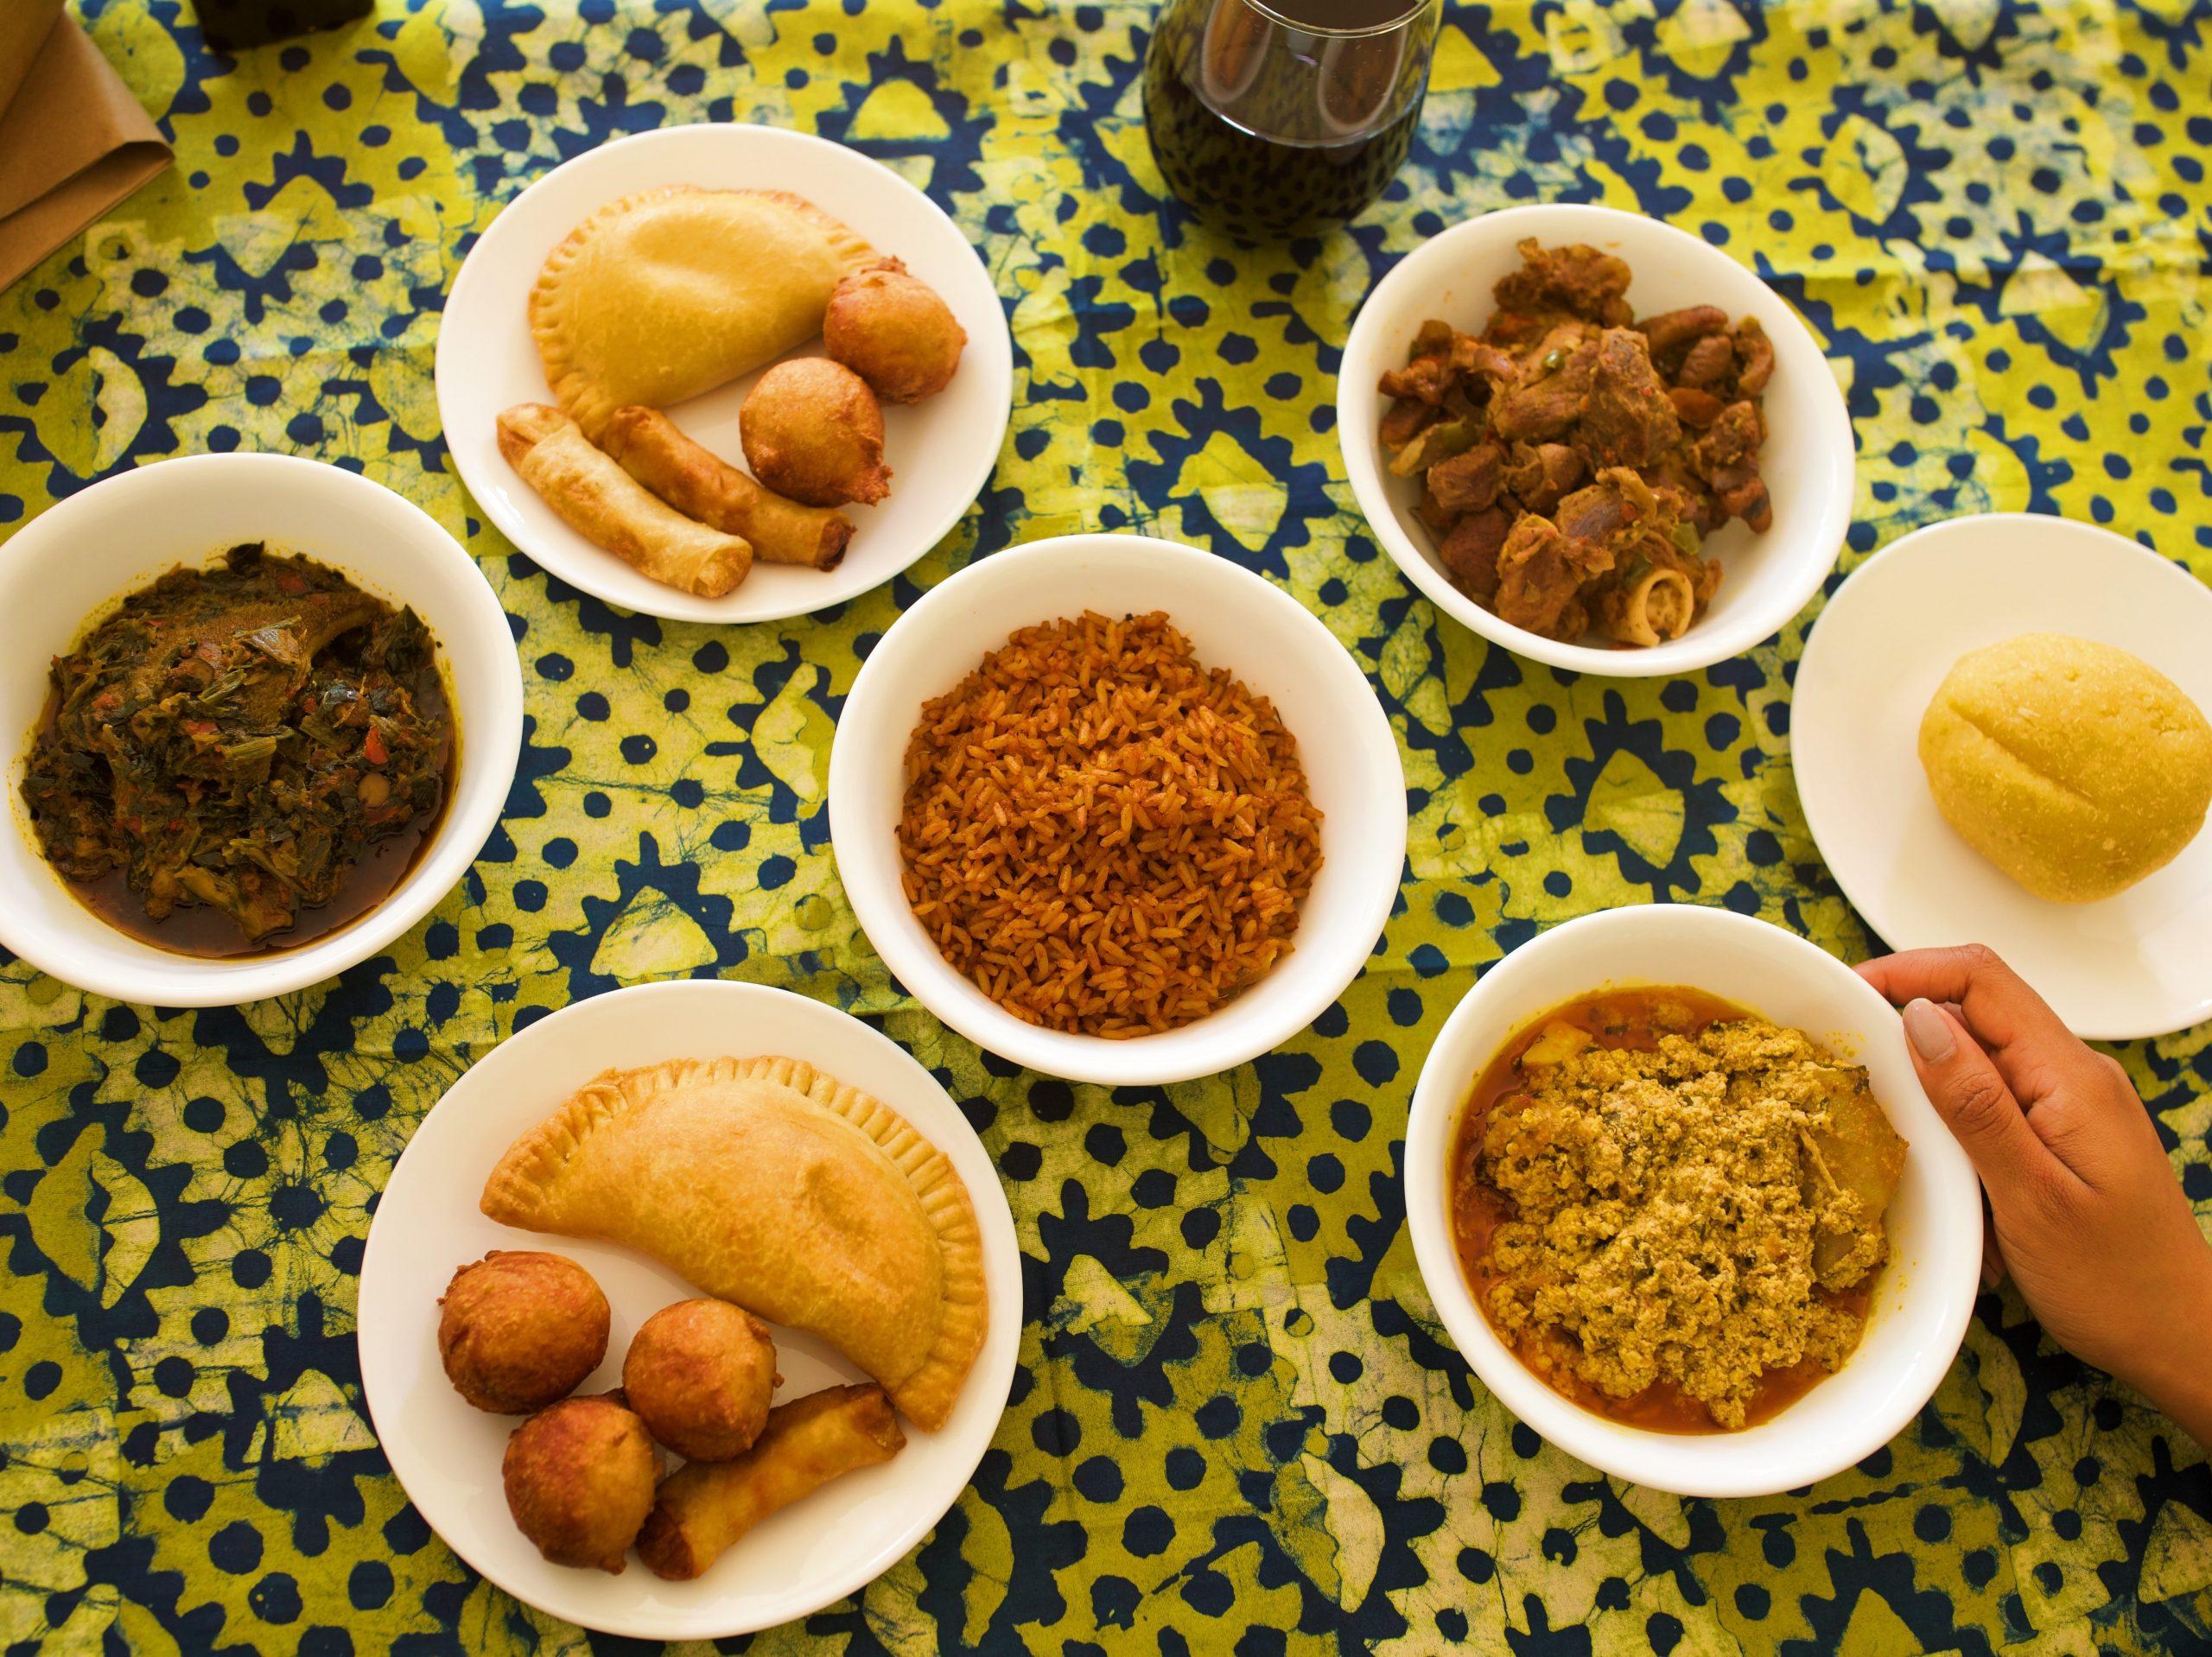 Order Nigerian food home with BLACK FOODIE